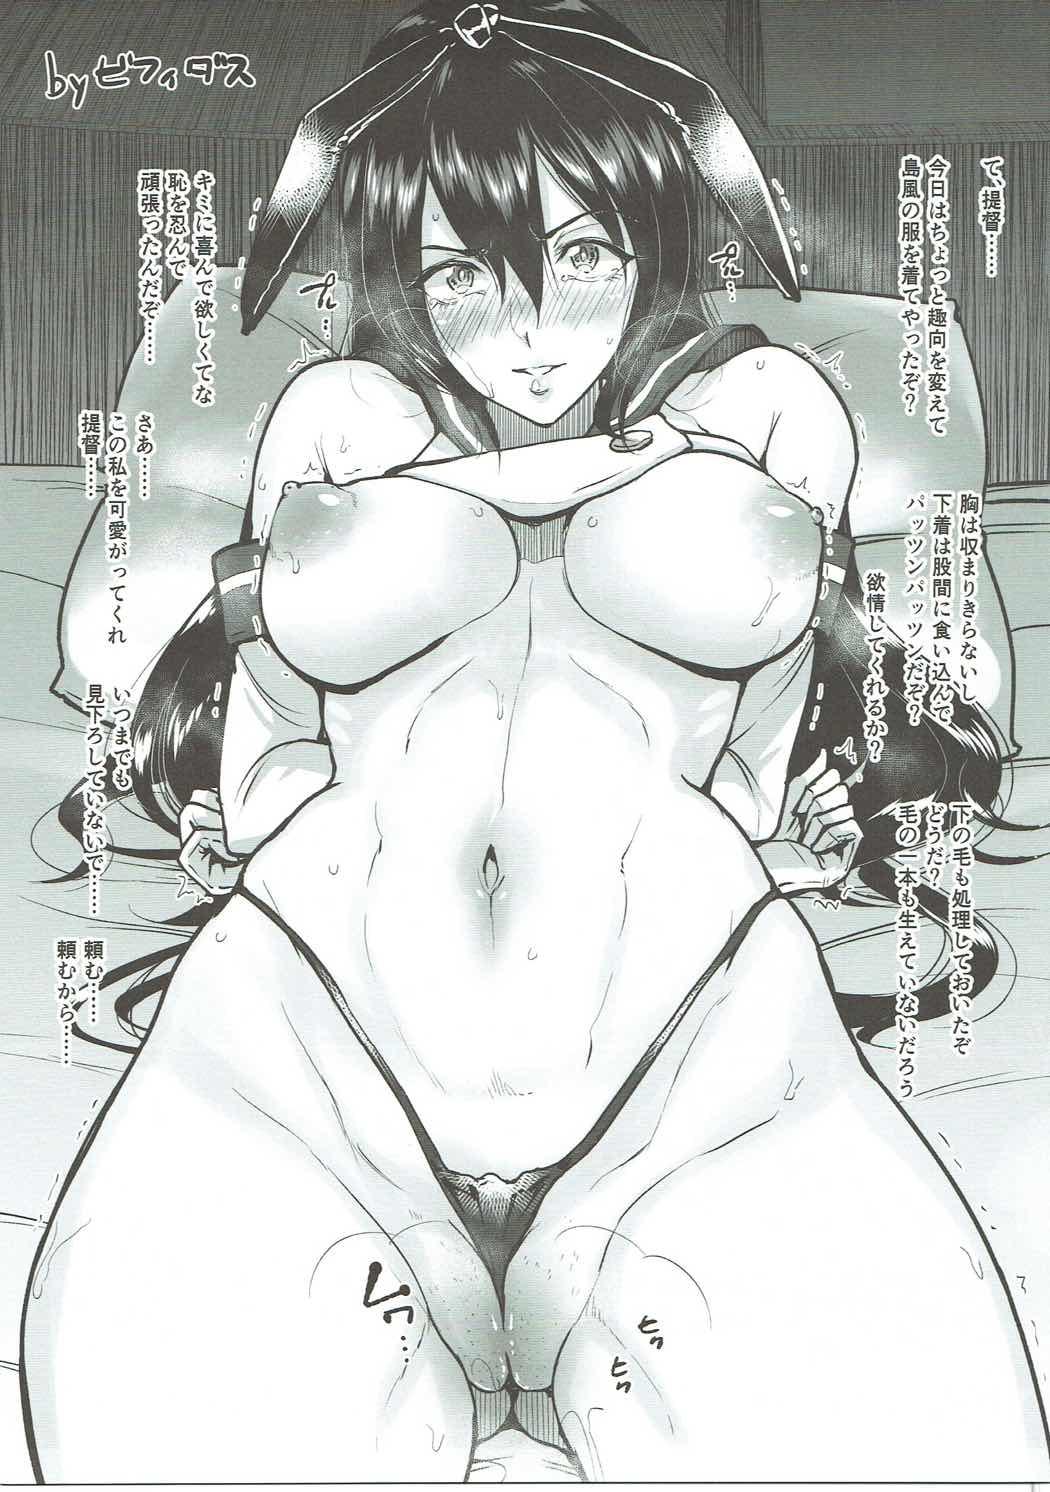 どうしても好きな艦娘には意地悪しちゃうショタ提督と、提督が大好きで仕方ない長門のすれ違いwwwwww【艦これ エロ漫画・エロ同人】 (32)